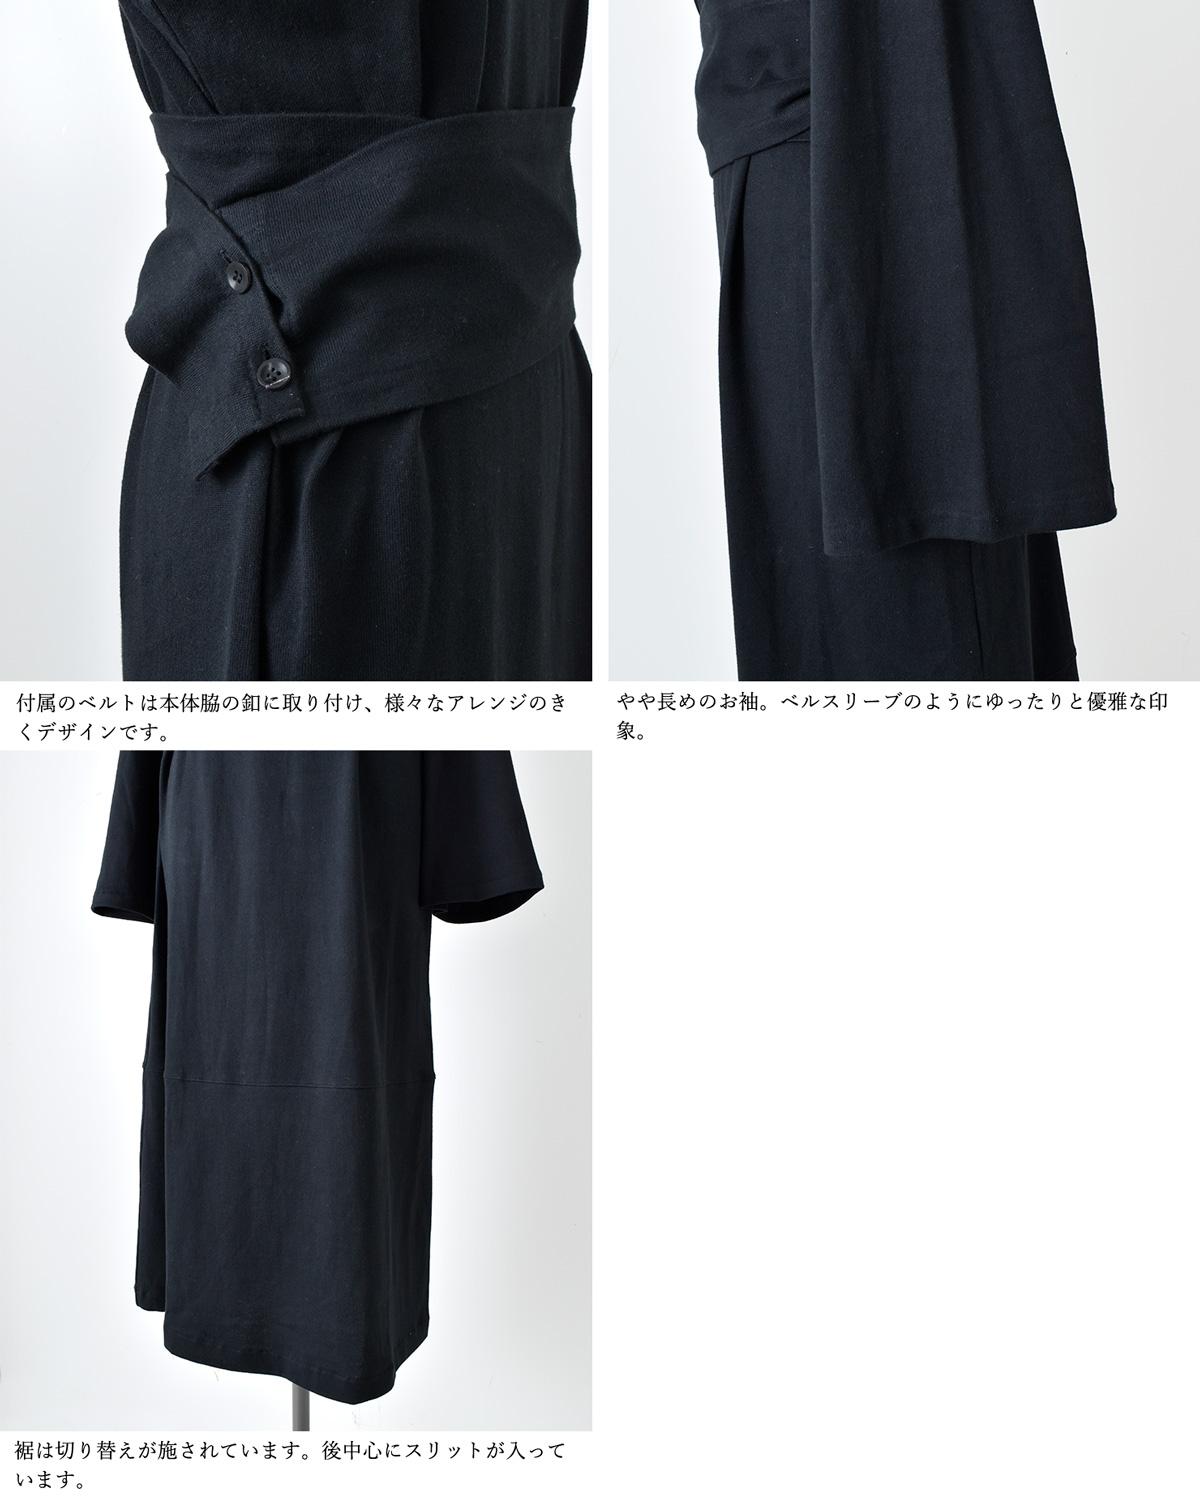 THE HINOKI(ザ ヒノキ)オーガニックコットンフレアドレス th20w-23